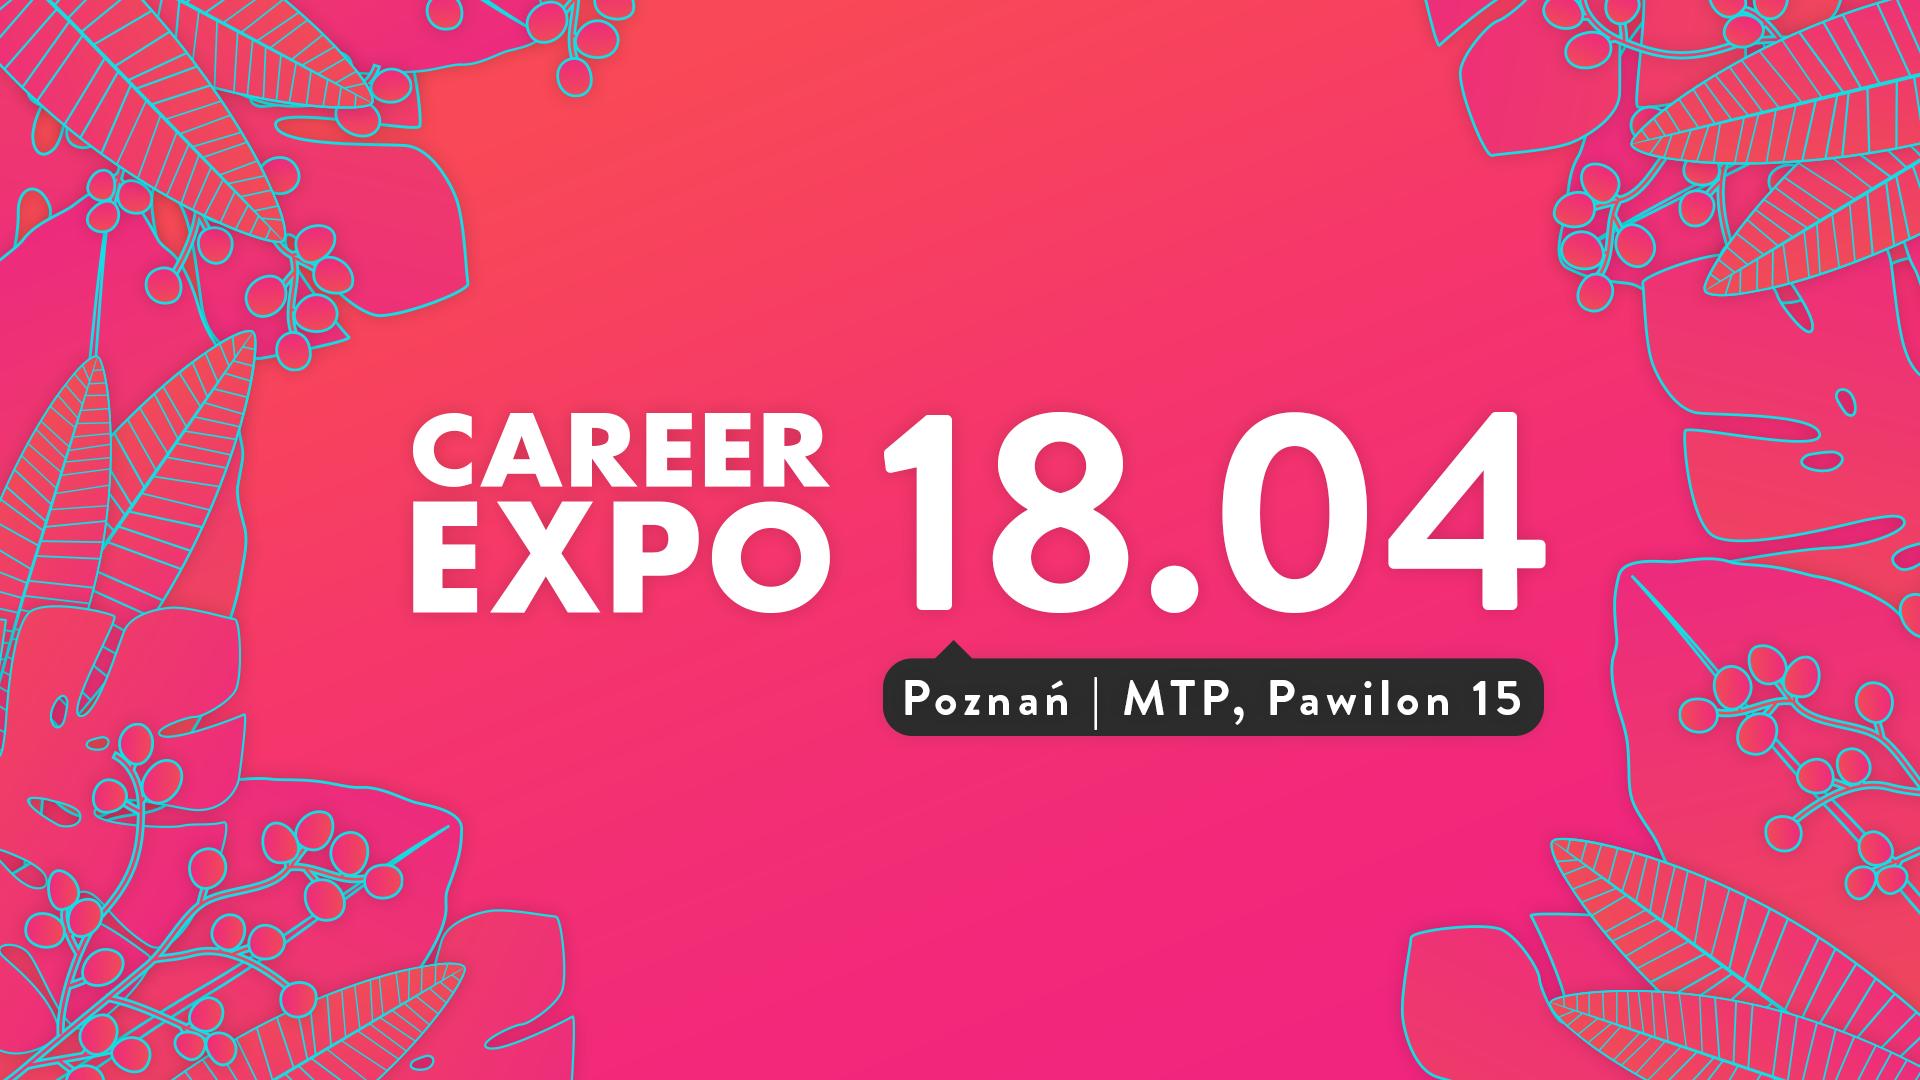 Na Career EXPO nie zagraża ci nudna praca!